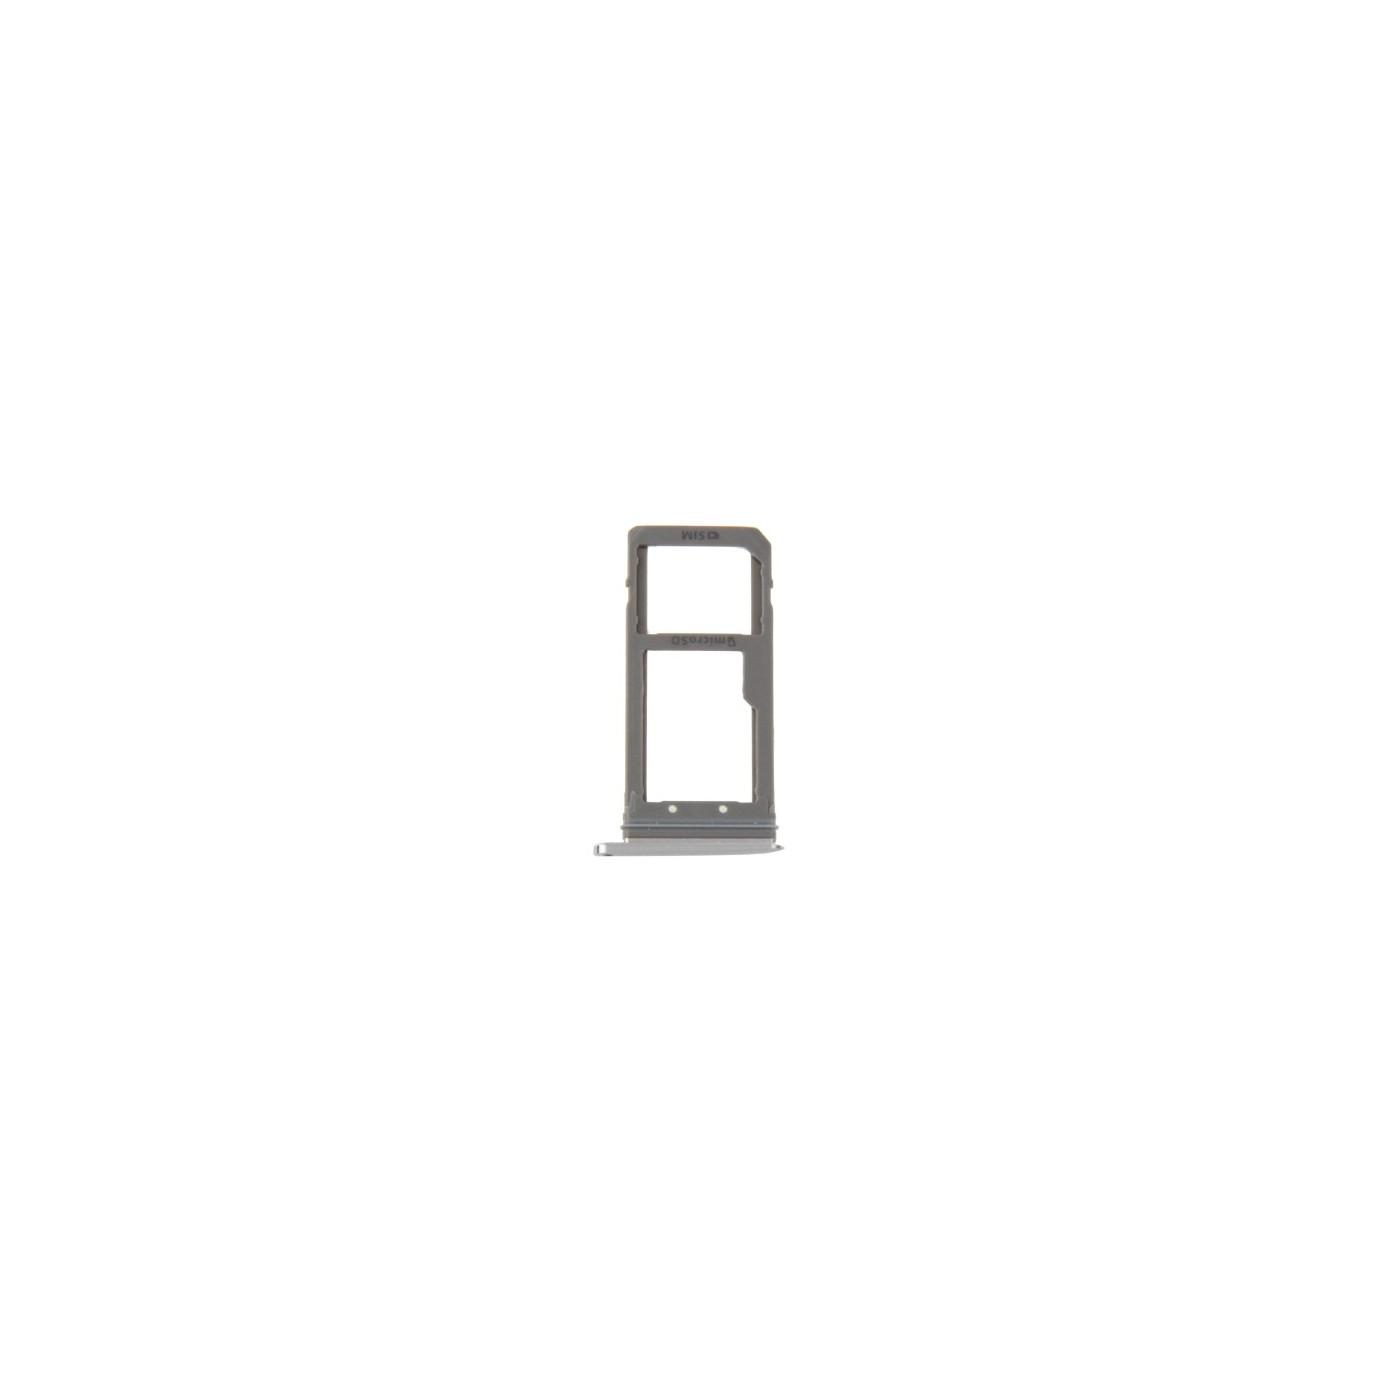 Porta sim Scheda Micro SD Silver Galaxy S7 Edge / G935F Ricambio